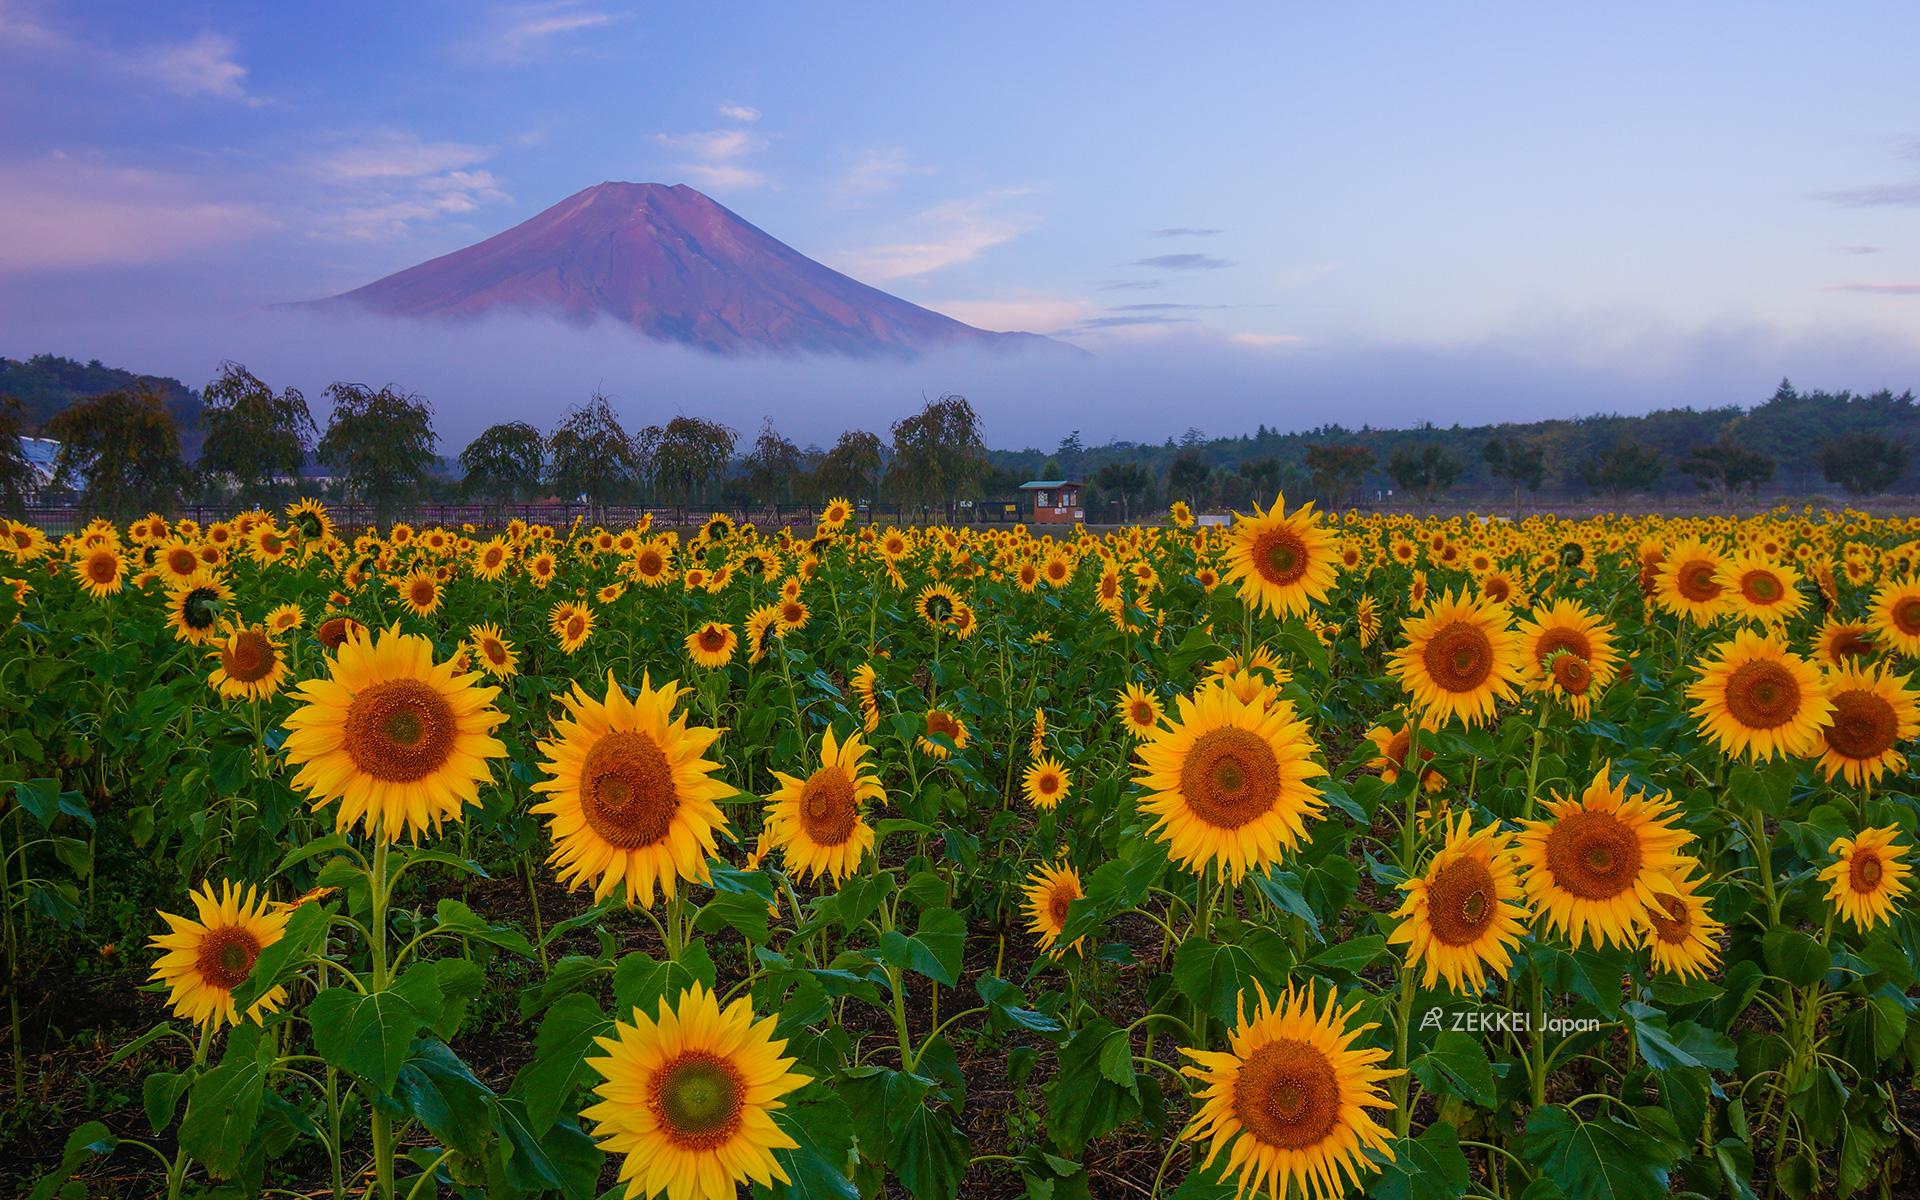 絶景壁紙 ビタミンカラーが元気をくれる ひまわり を待ち受けに Zekkei Japan